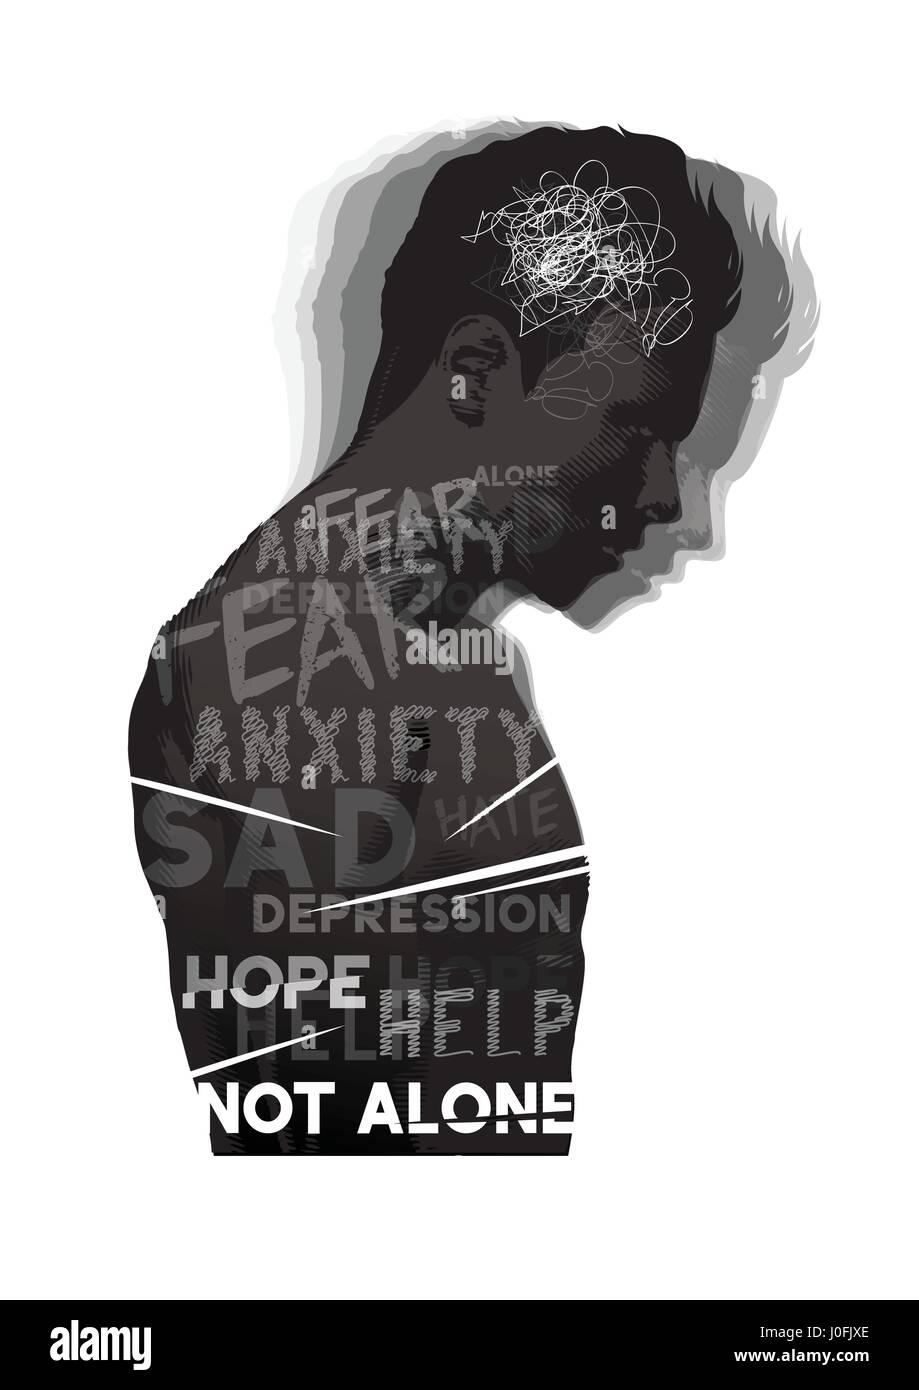 Ein Mann erleben Gefühle von Furcht, Angst und Depression. Psychische Gesundheit-Vektor-Illustration. Stockbild